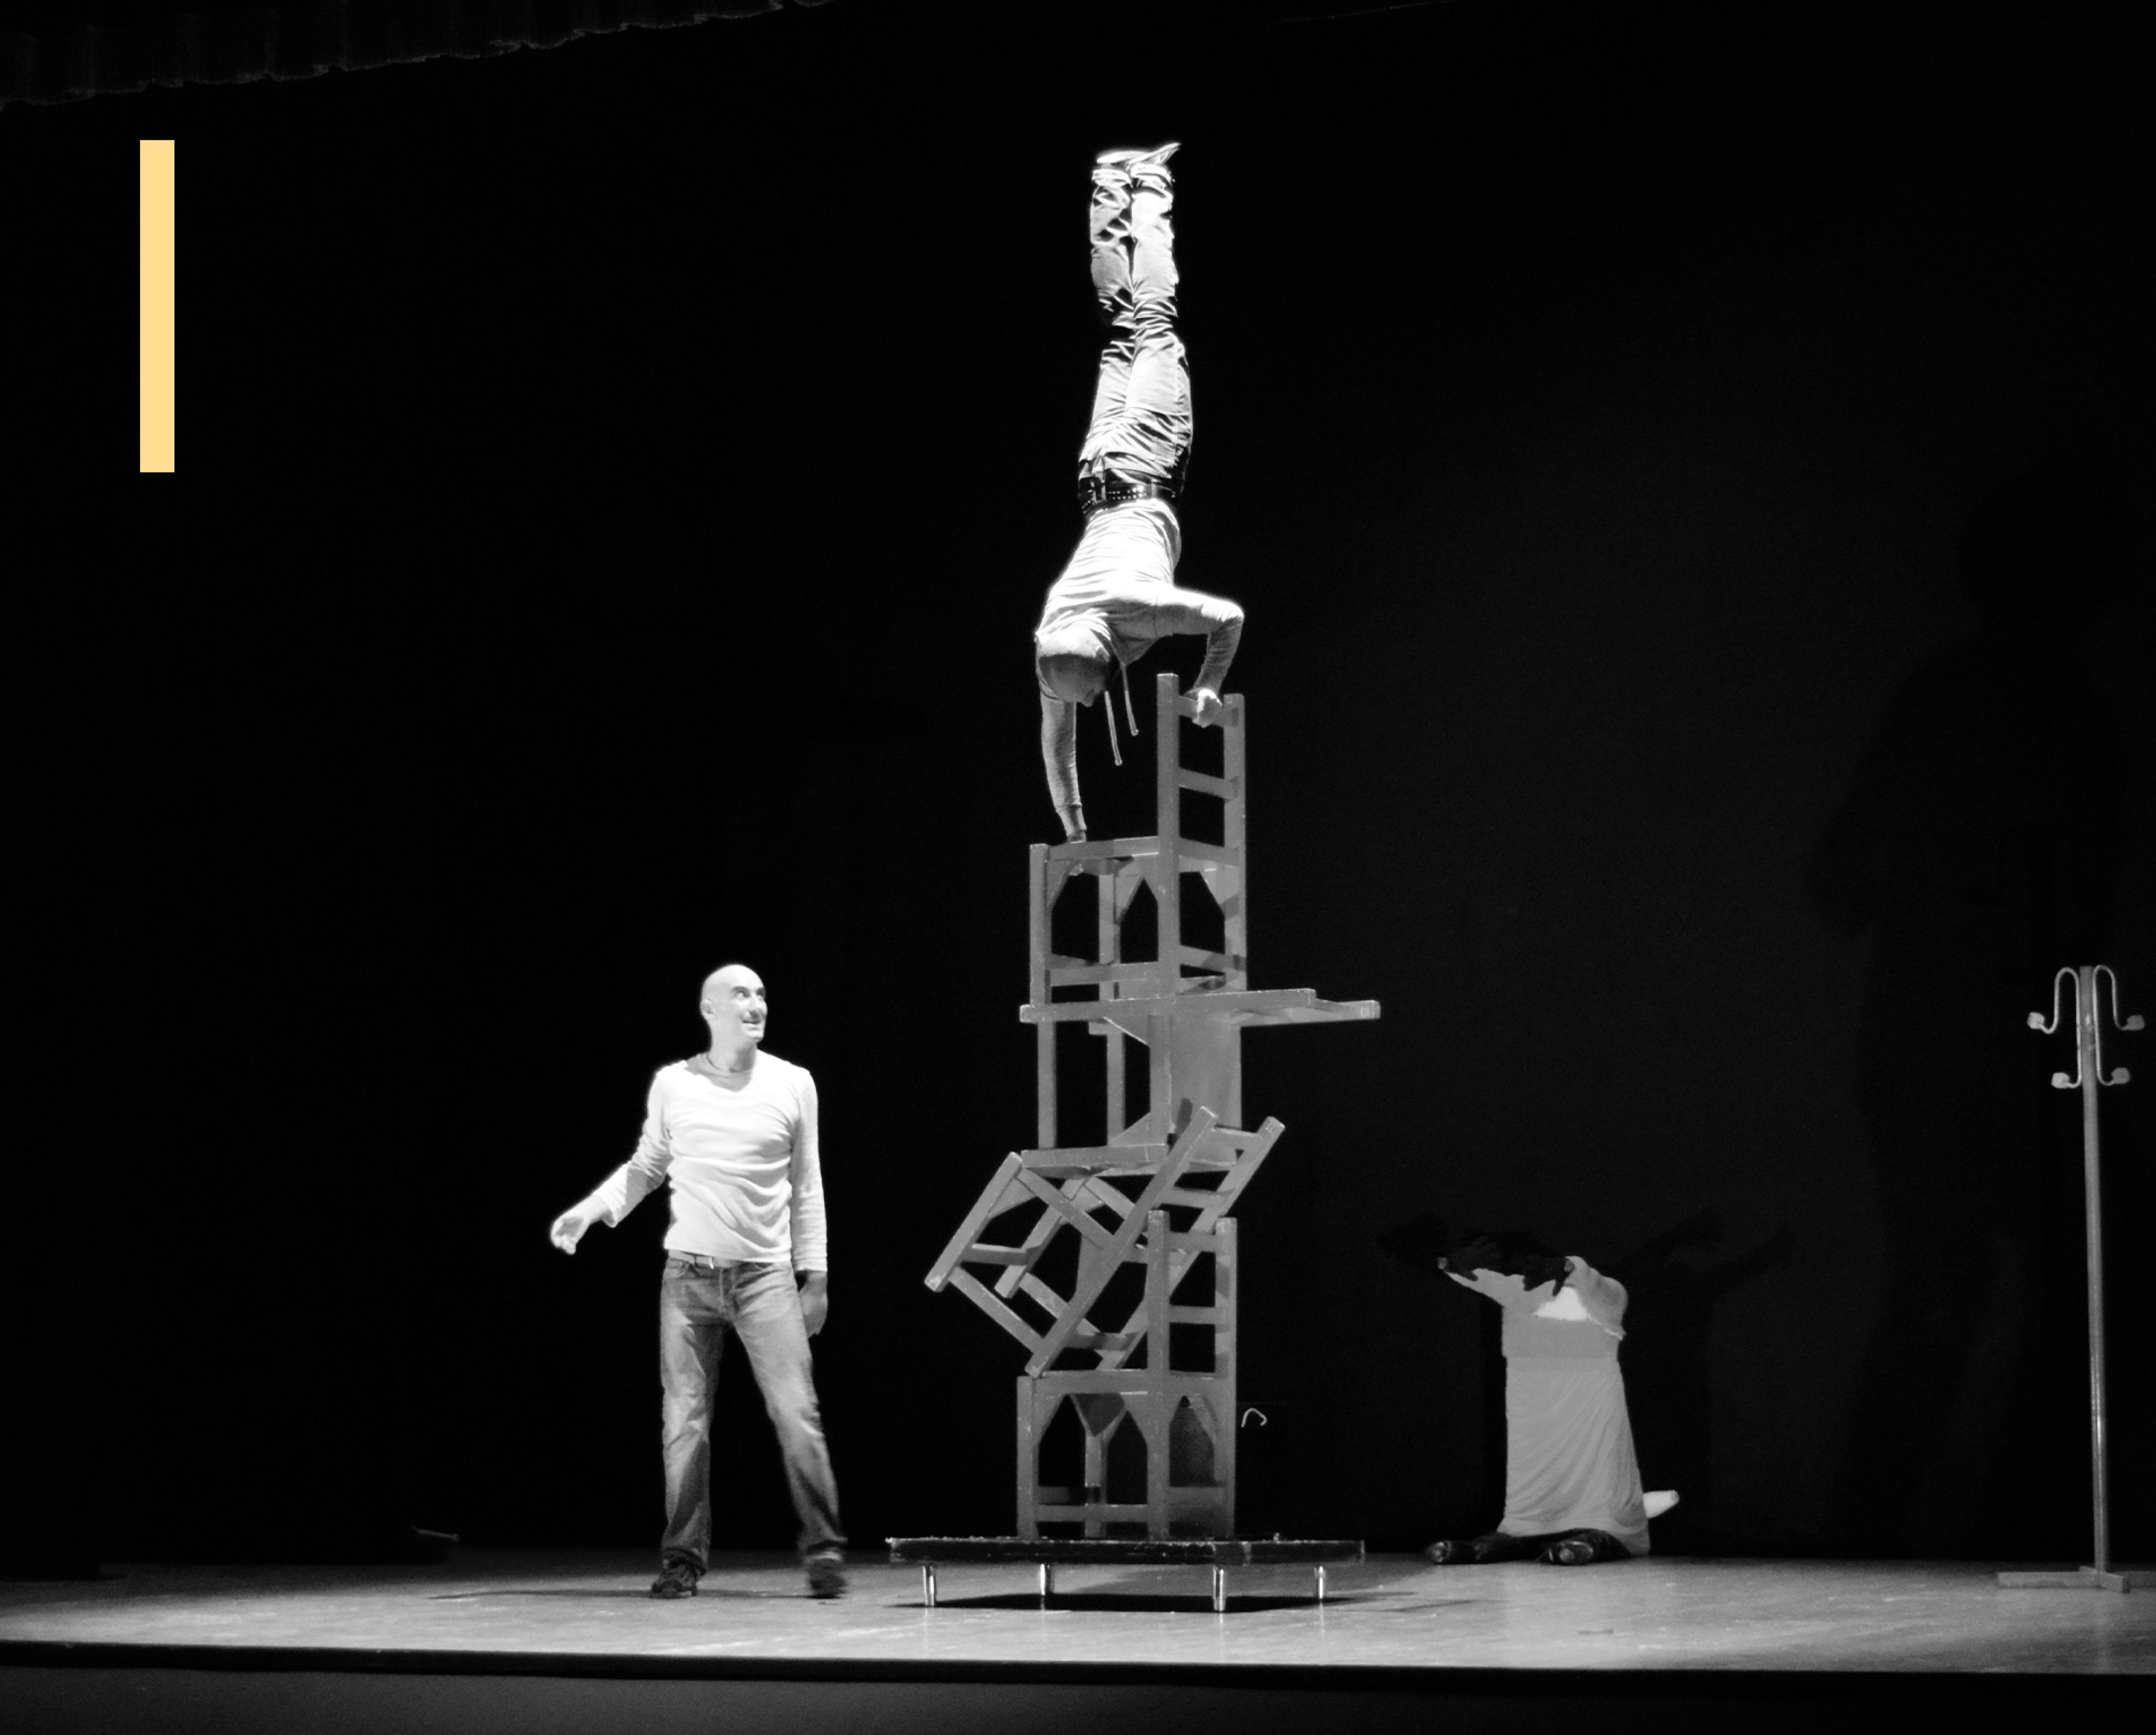 verticalismo